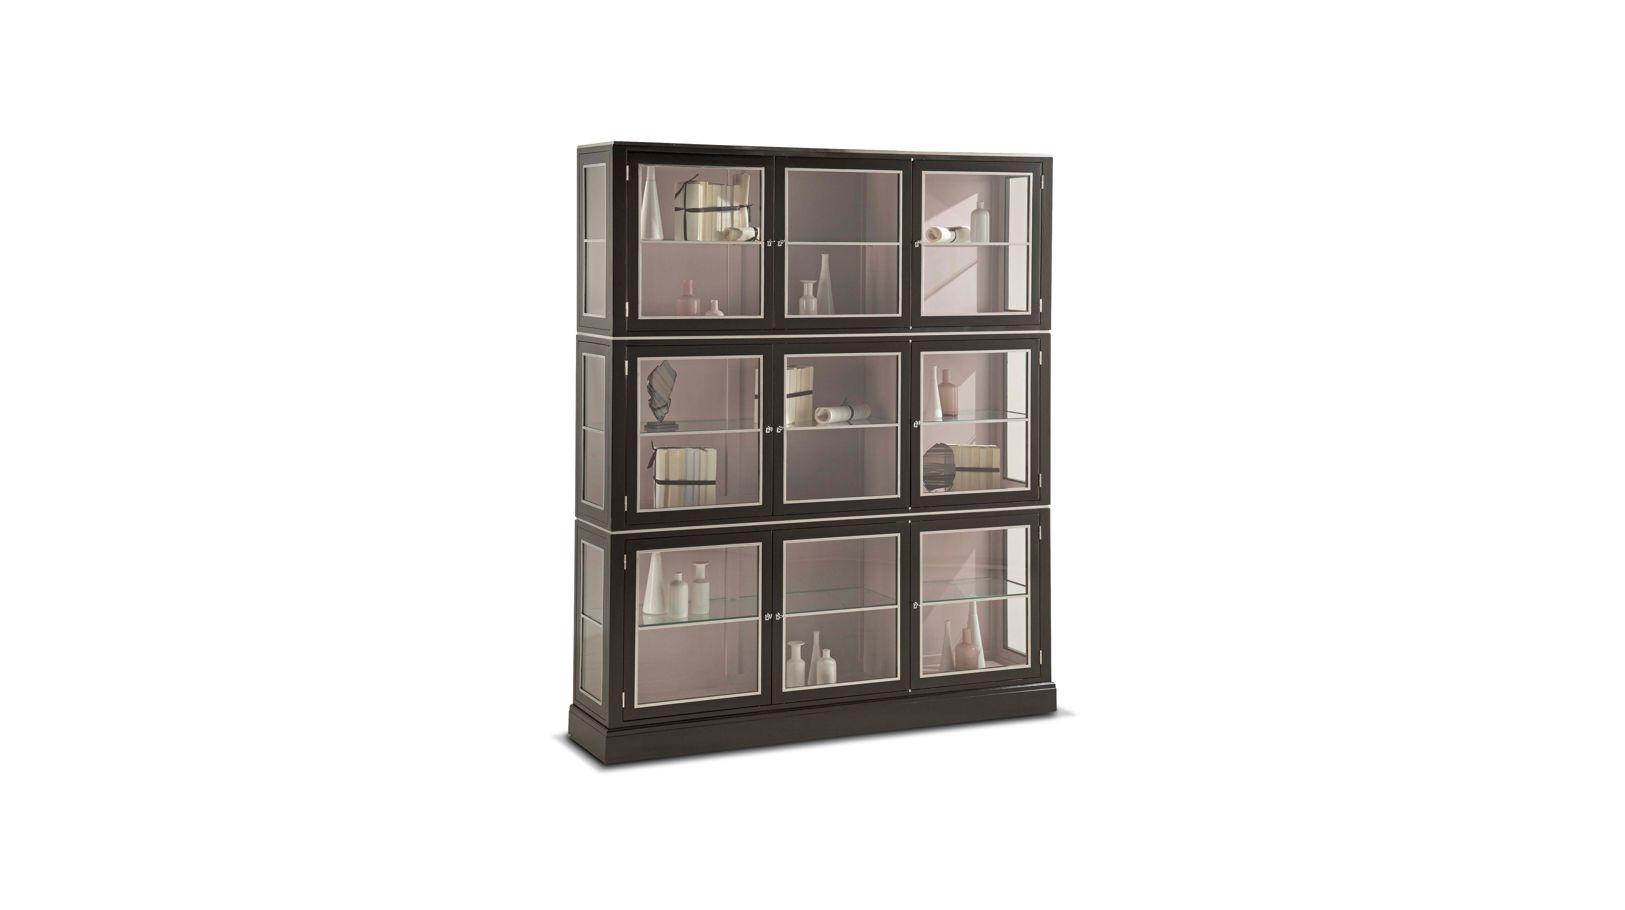 5 me avenue pedestal table nouveaux classiques collection - La roche bobois table ...